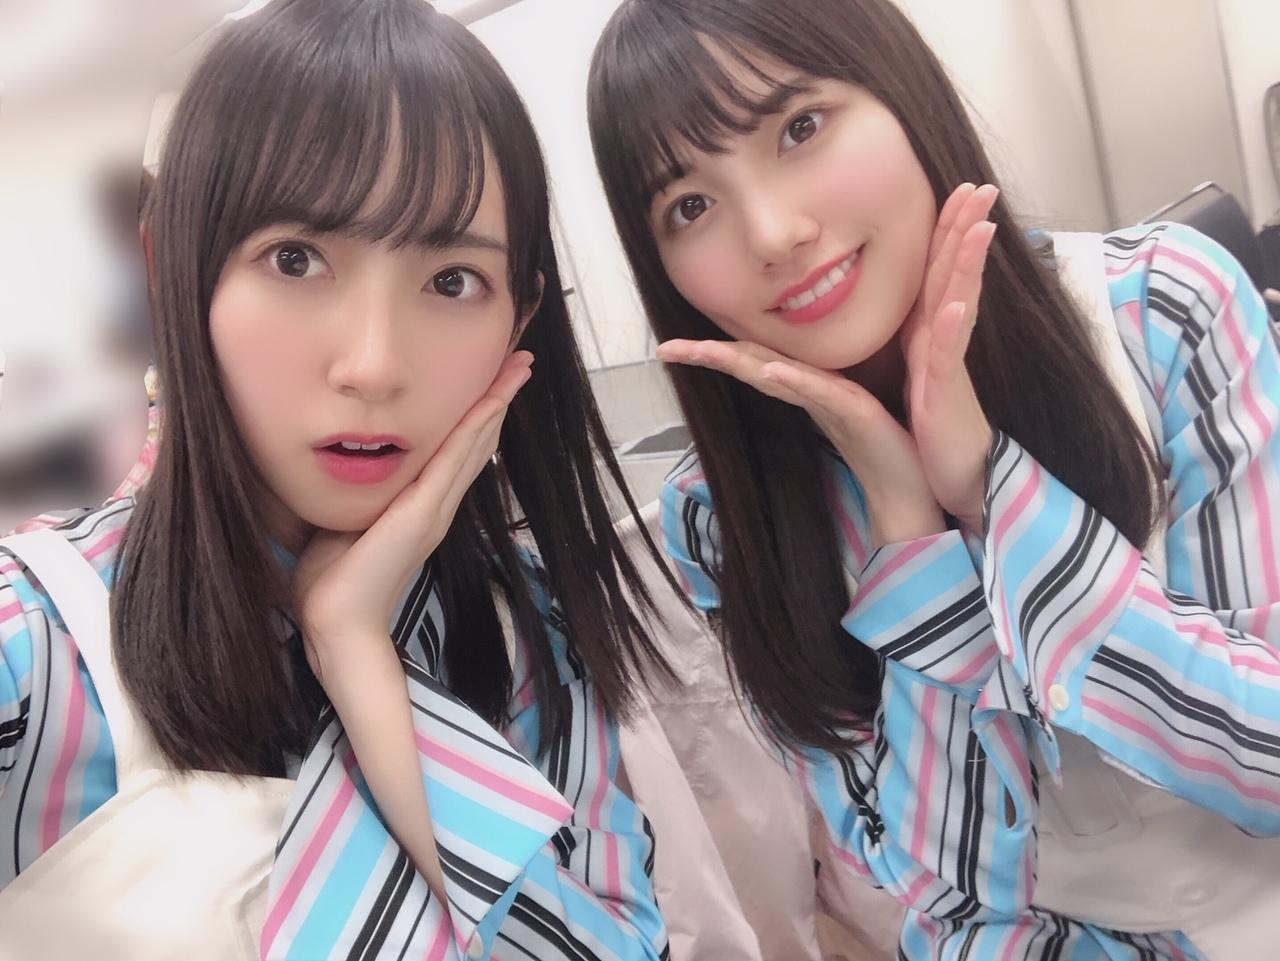 日向坂46メンバーブログまとめ2019年5月5日